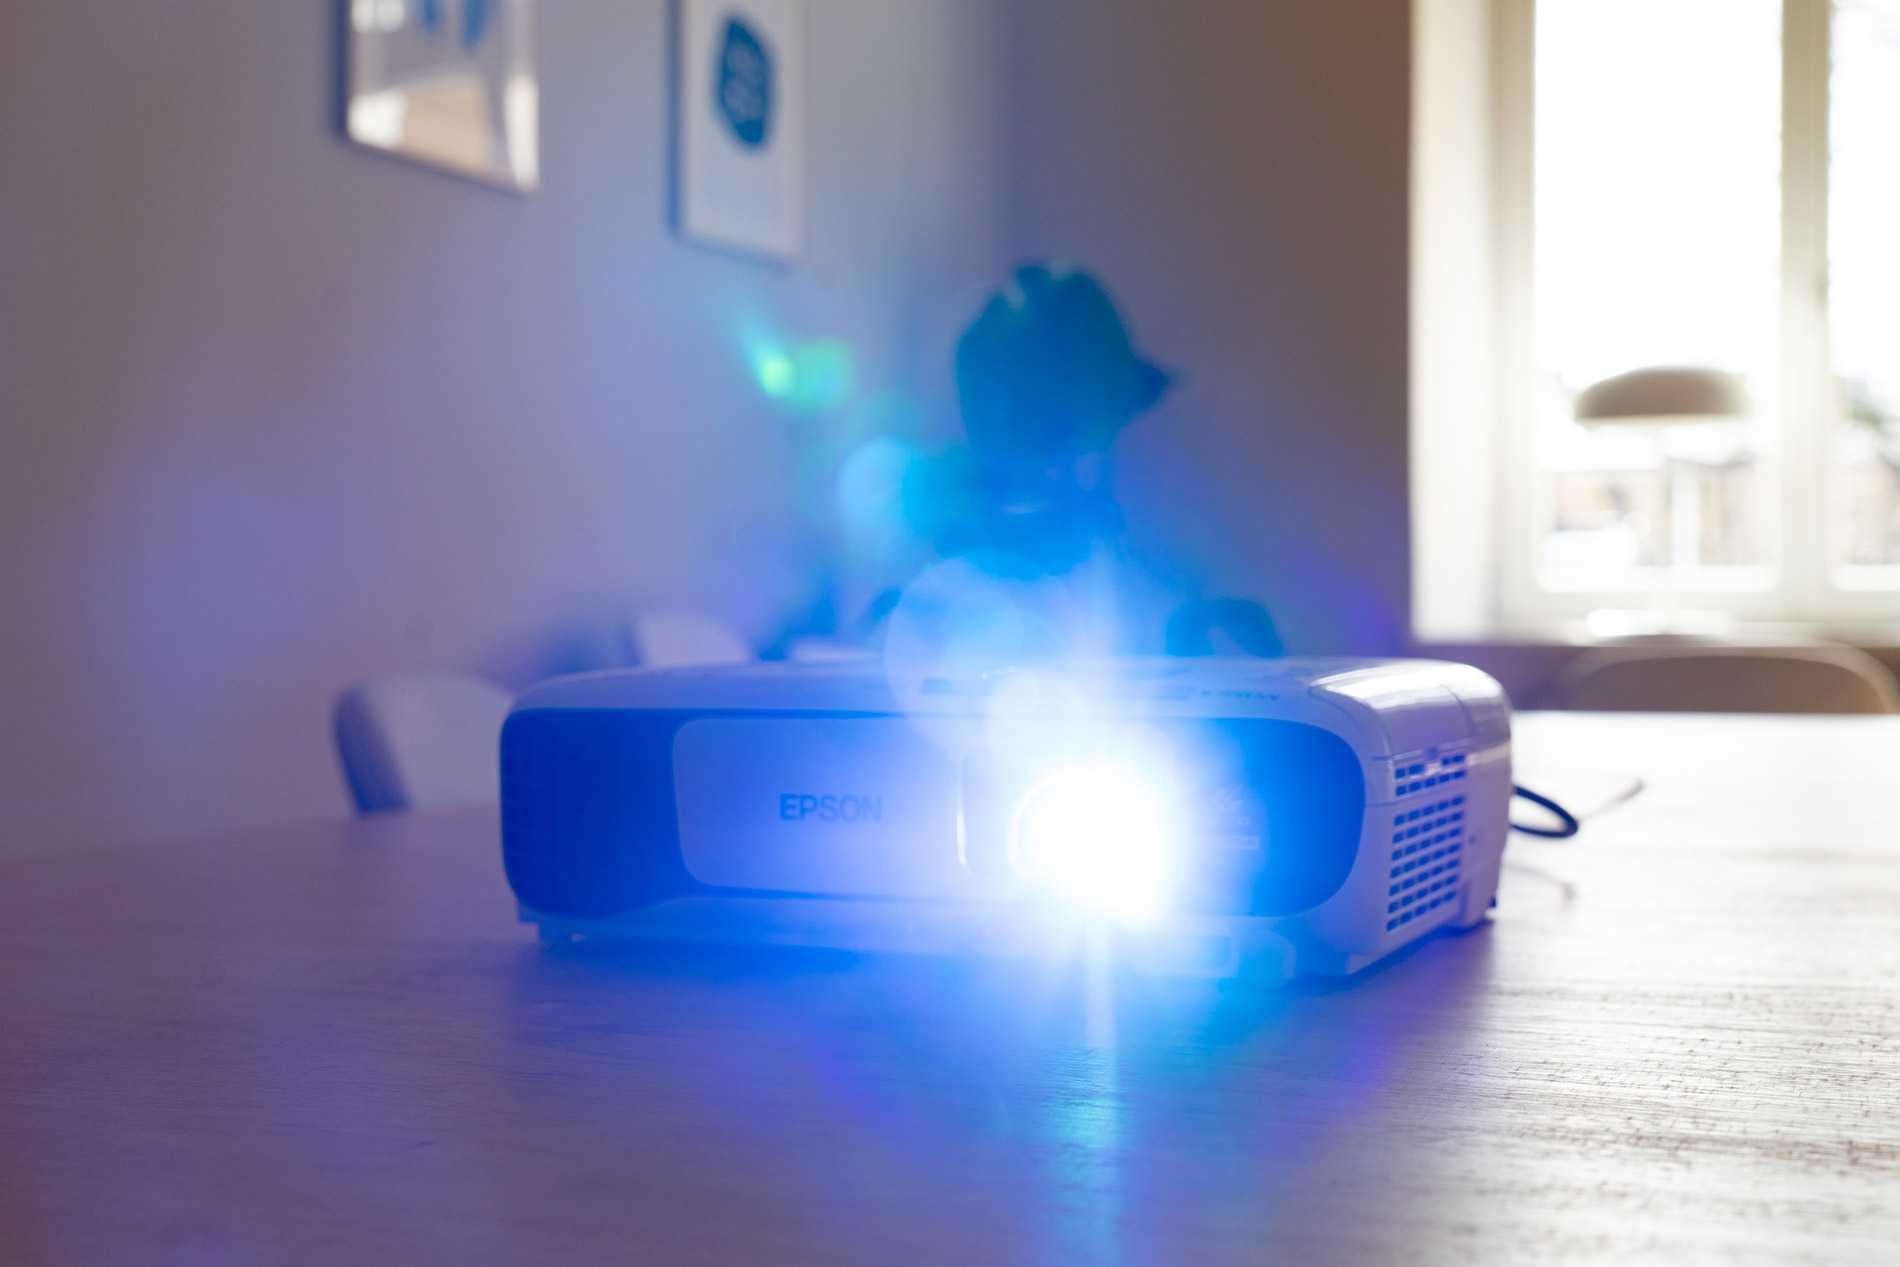 Lumière d'affichage: lentes, lumens, candela et autres unités de mesure expliquées